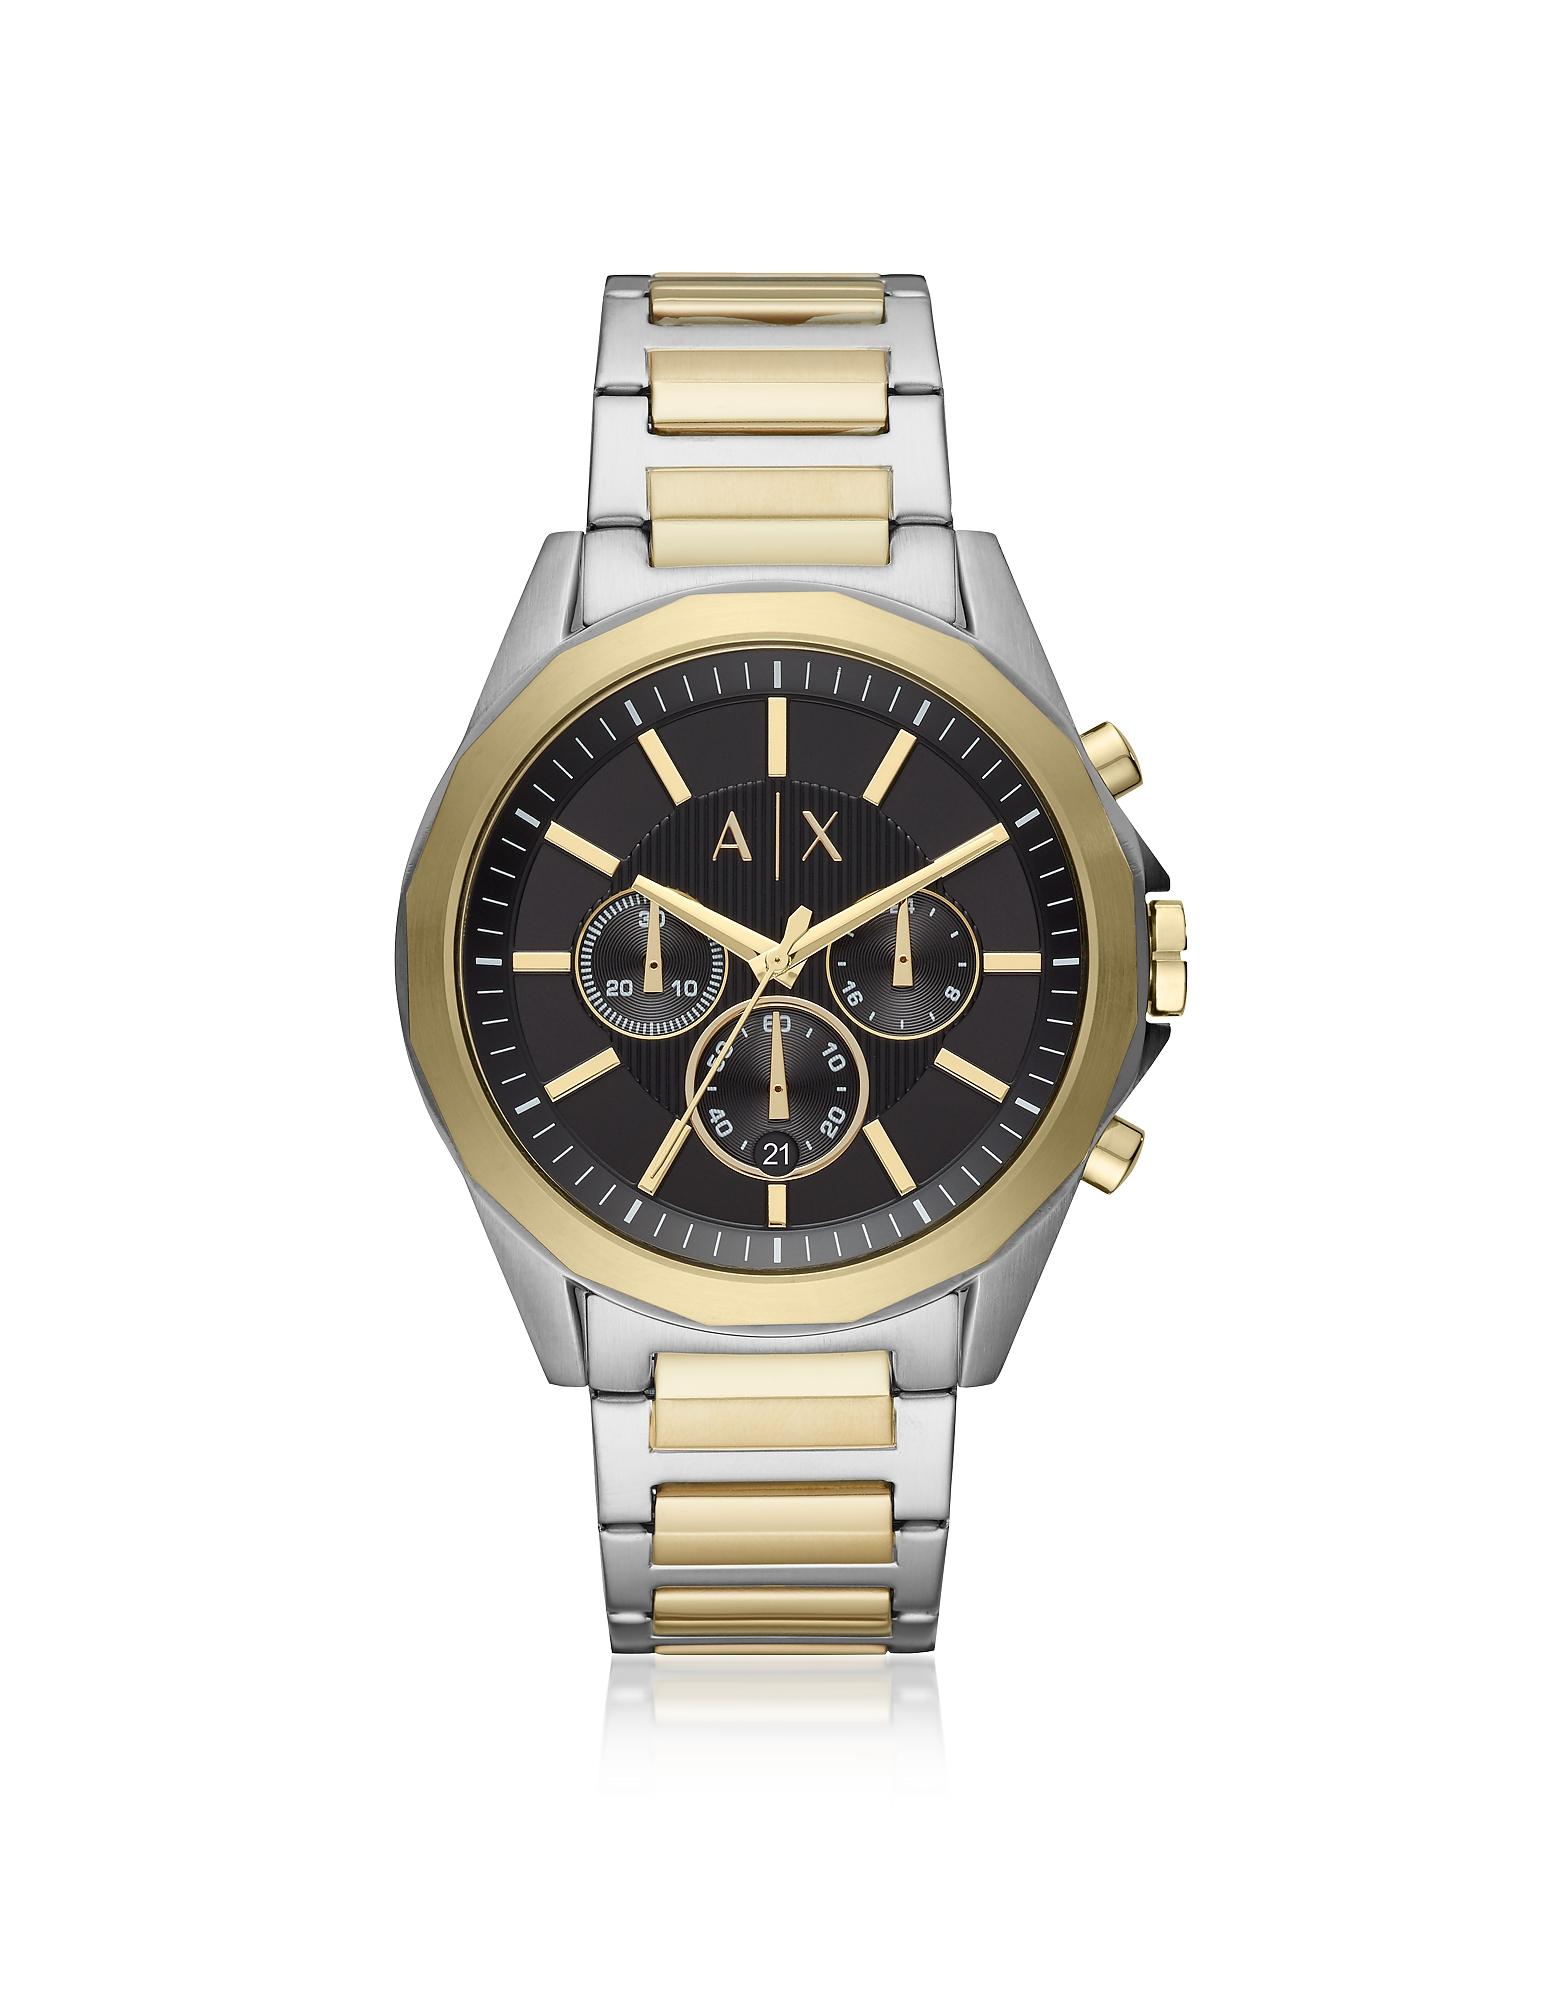 Мужские Часы AX2617 Drexler Emporio Armani